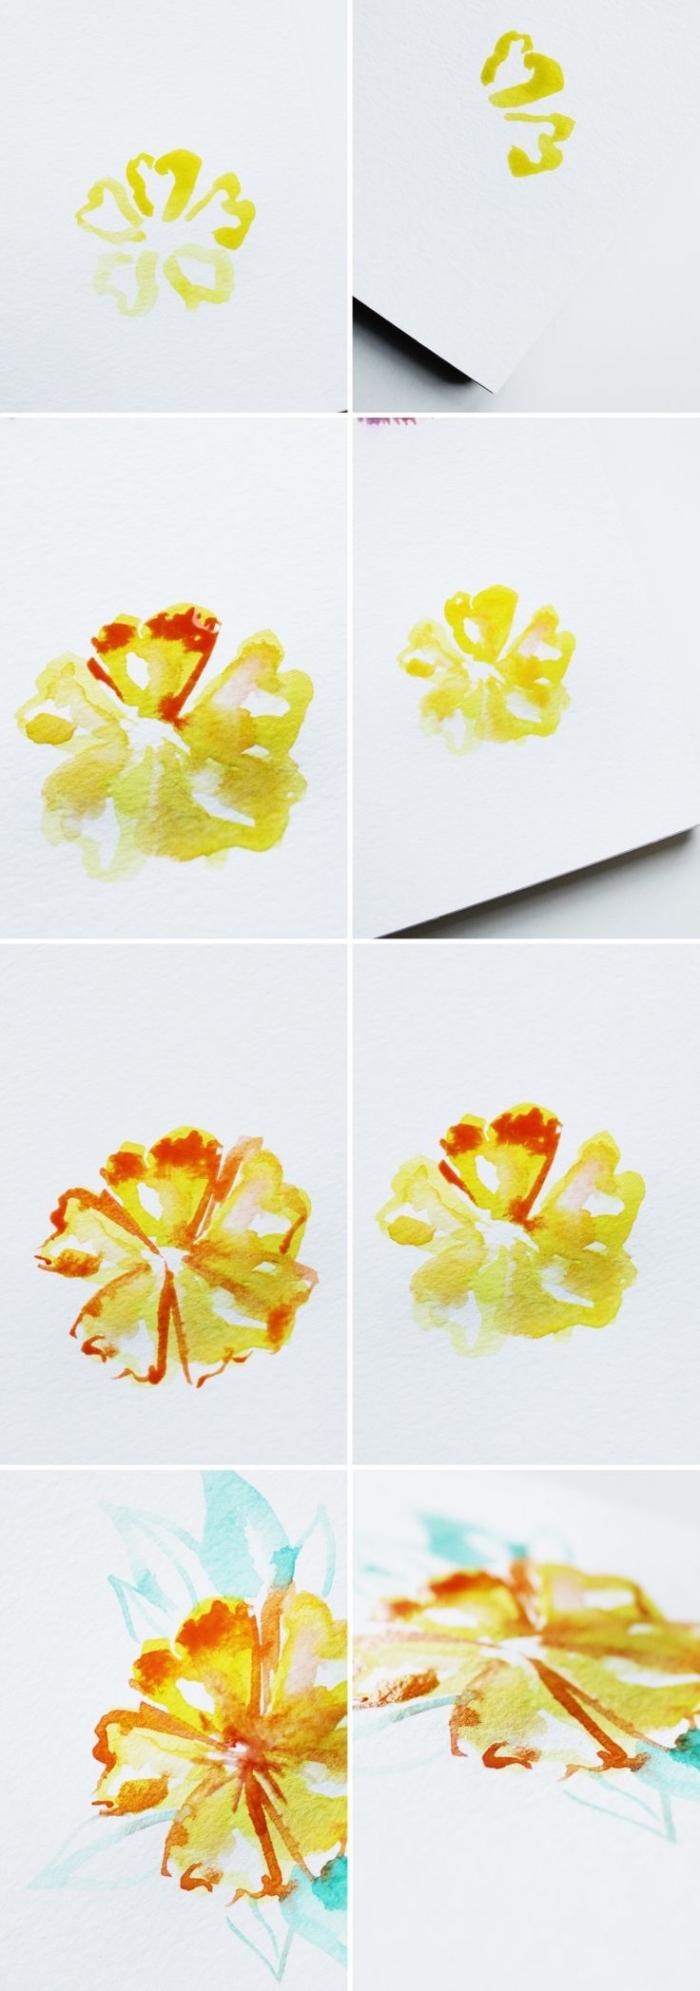 comment peindre une fleur à l'aquarelle, technique de peinture mouillé sur mouillé